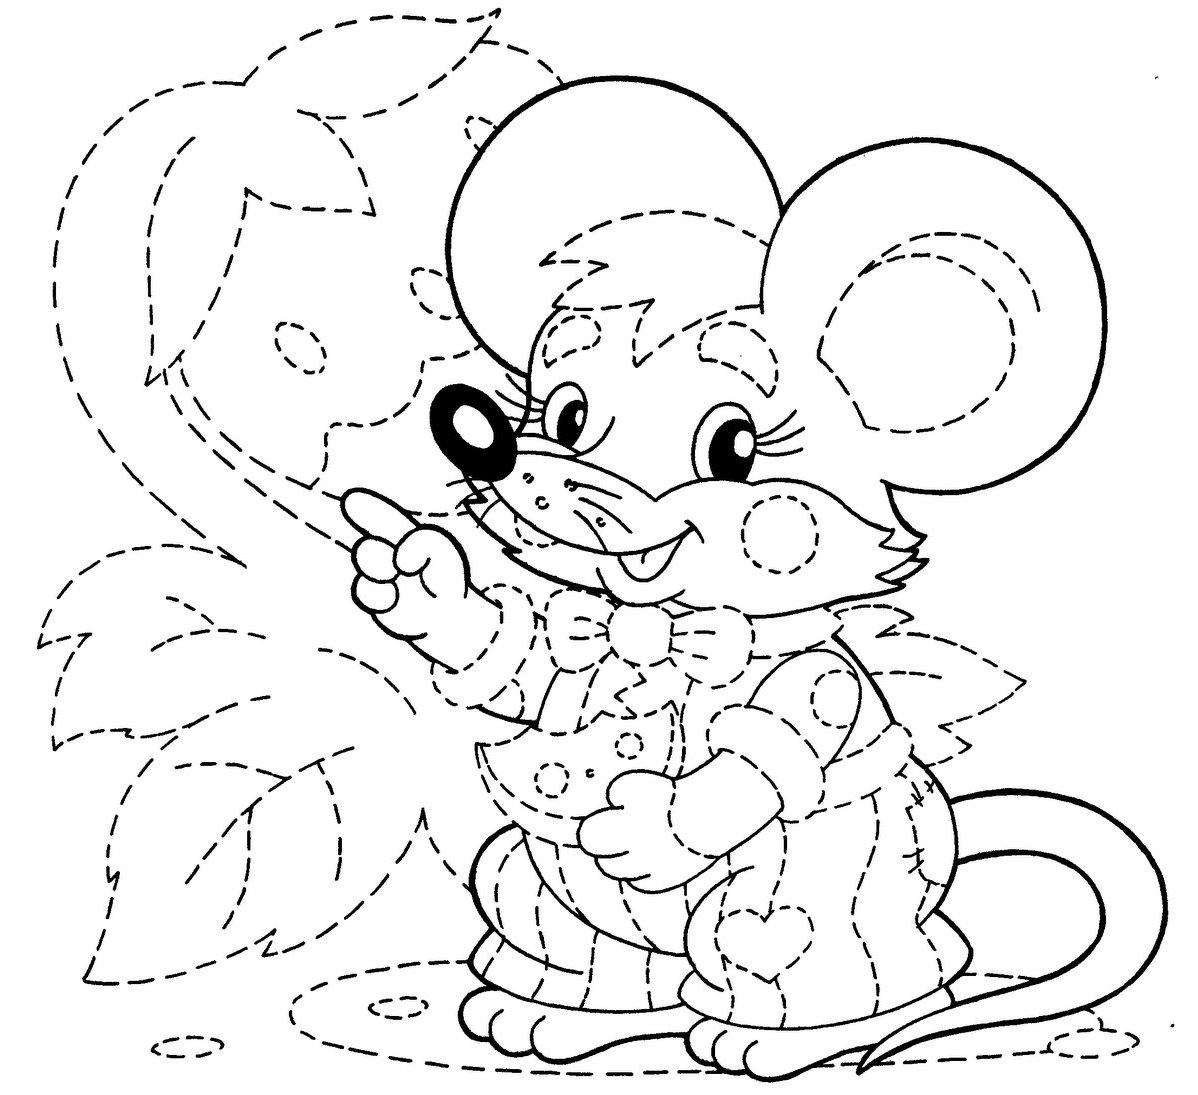 desenhos lindos para colorir para colorir varias imagens desenhos